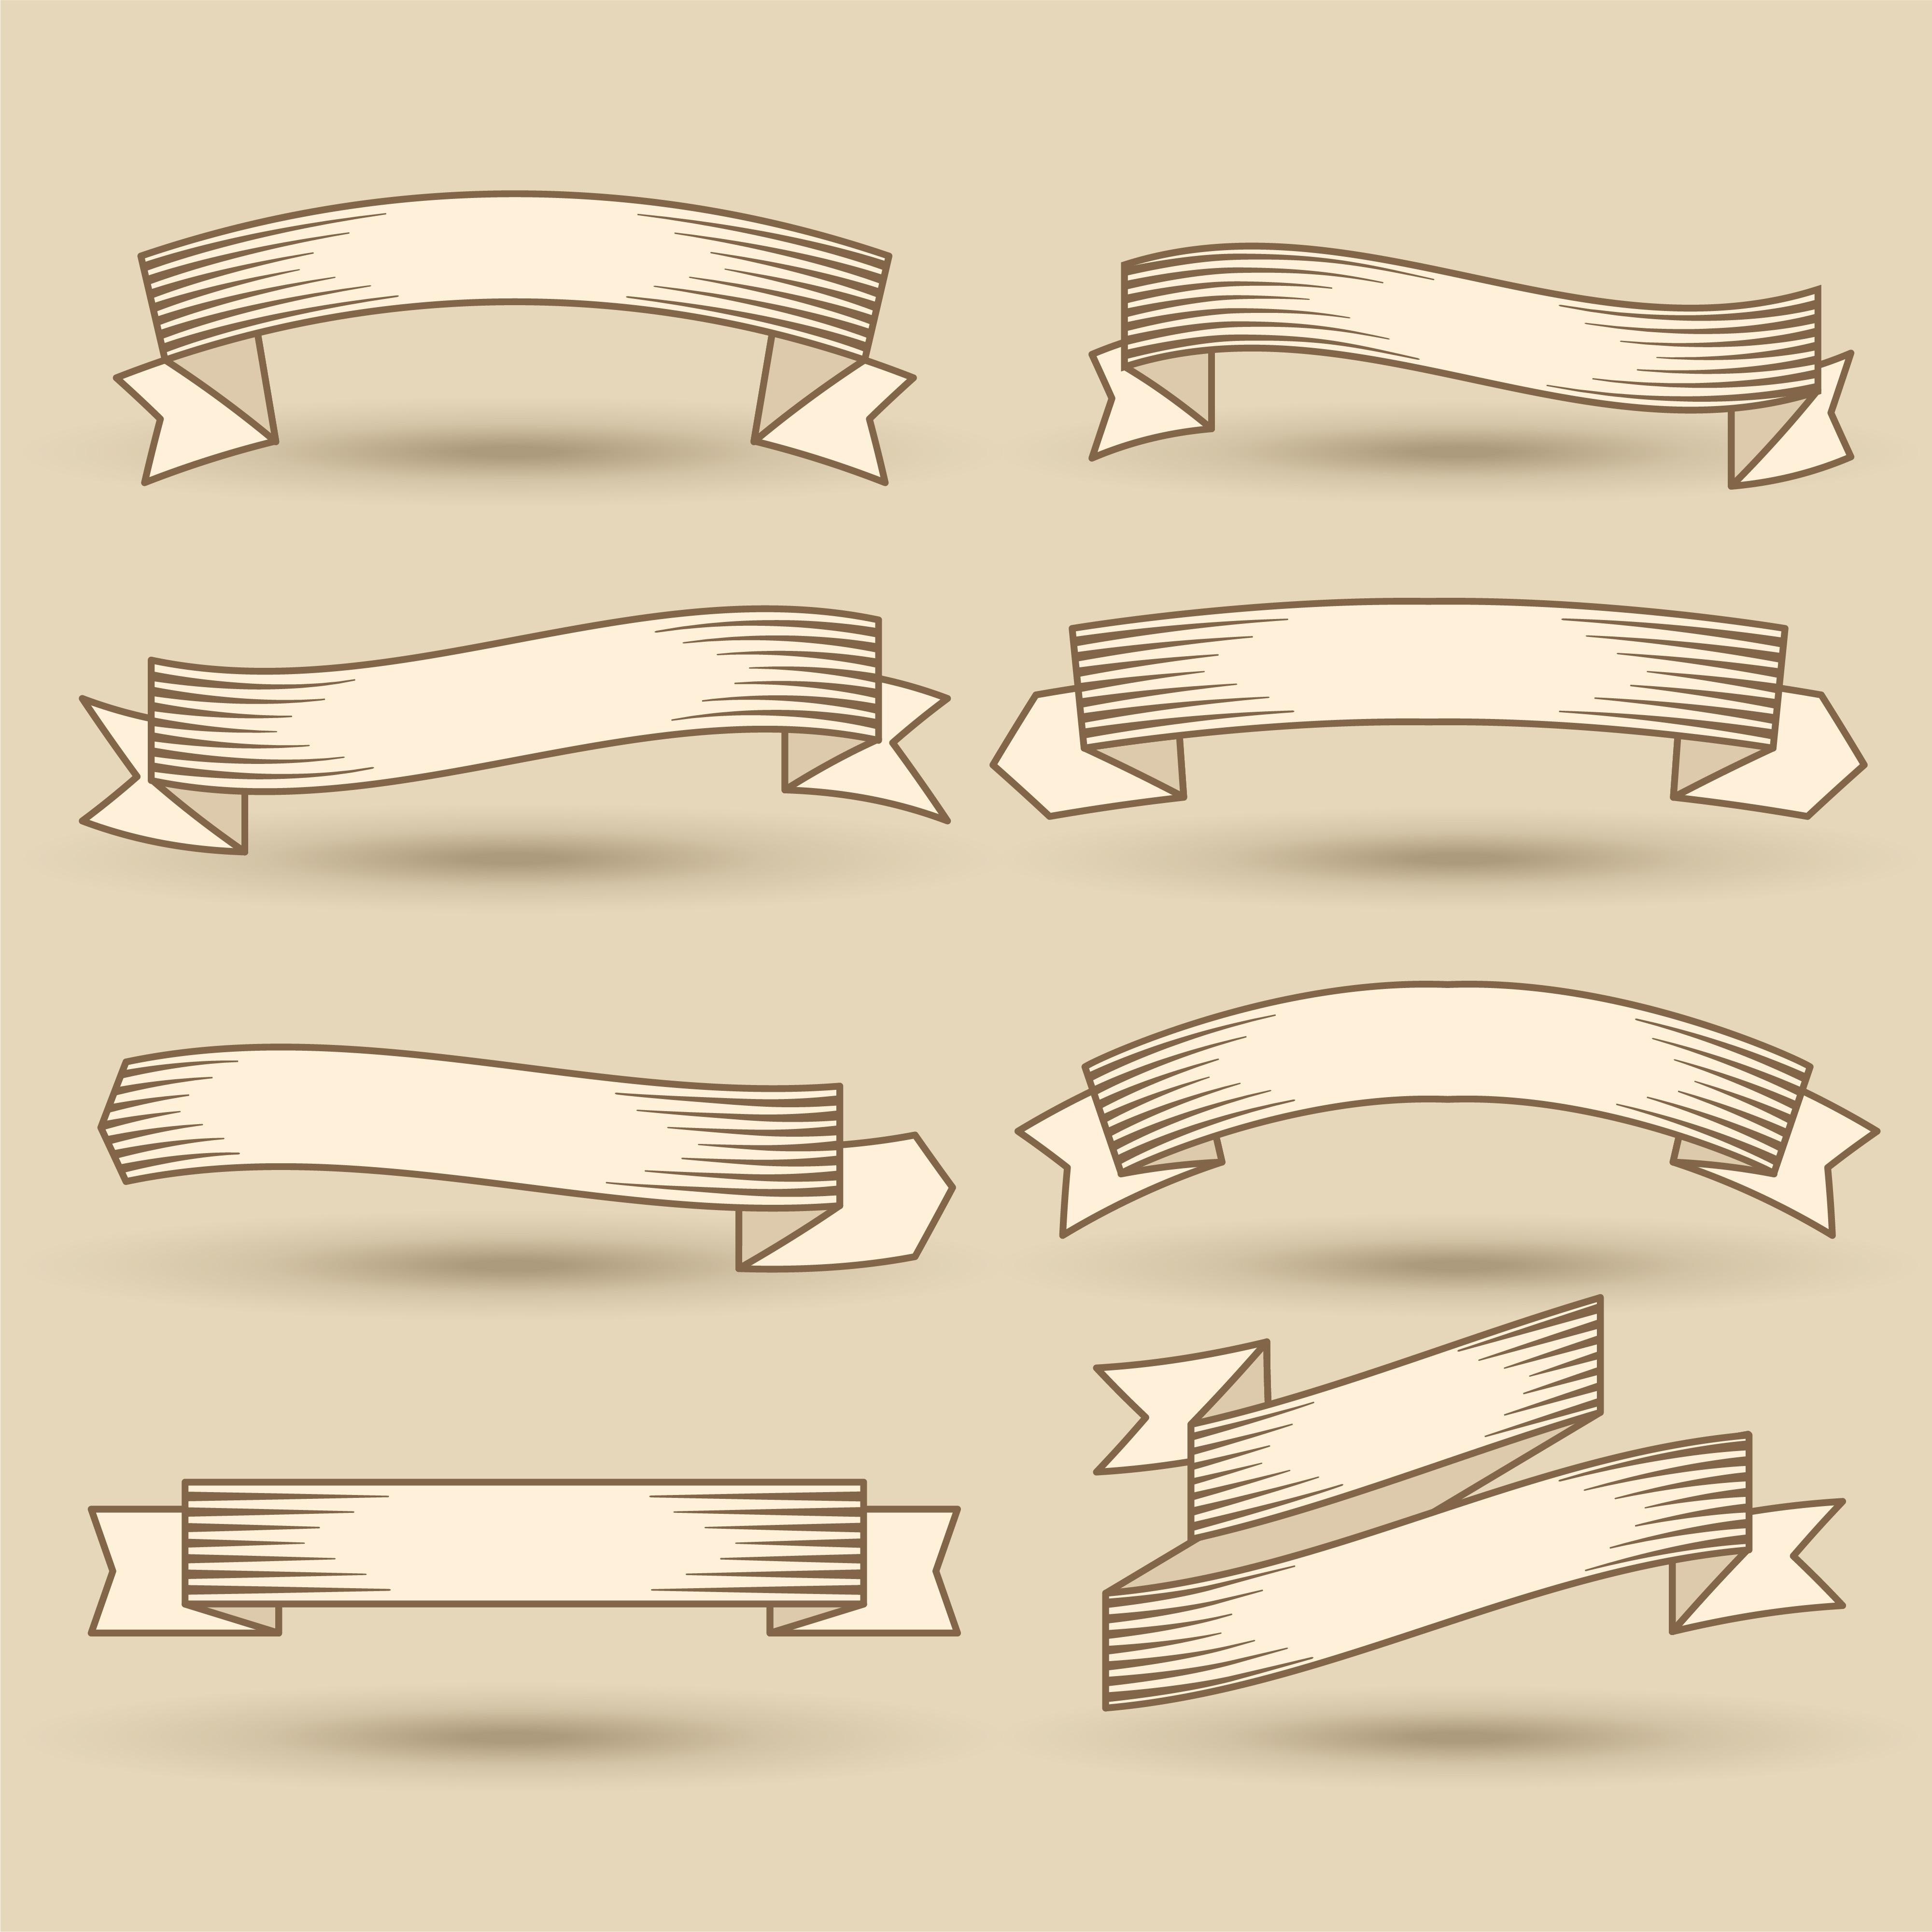 old vintage ribbons banner set - Download Free Vector Art ...